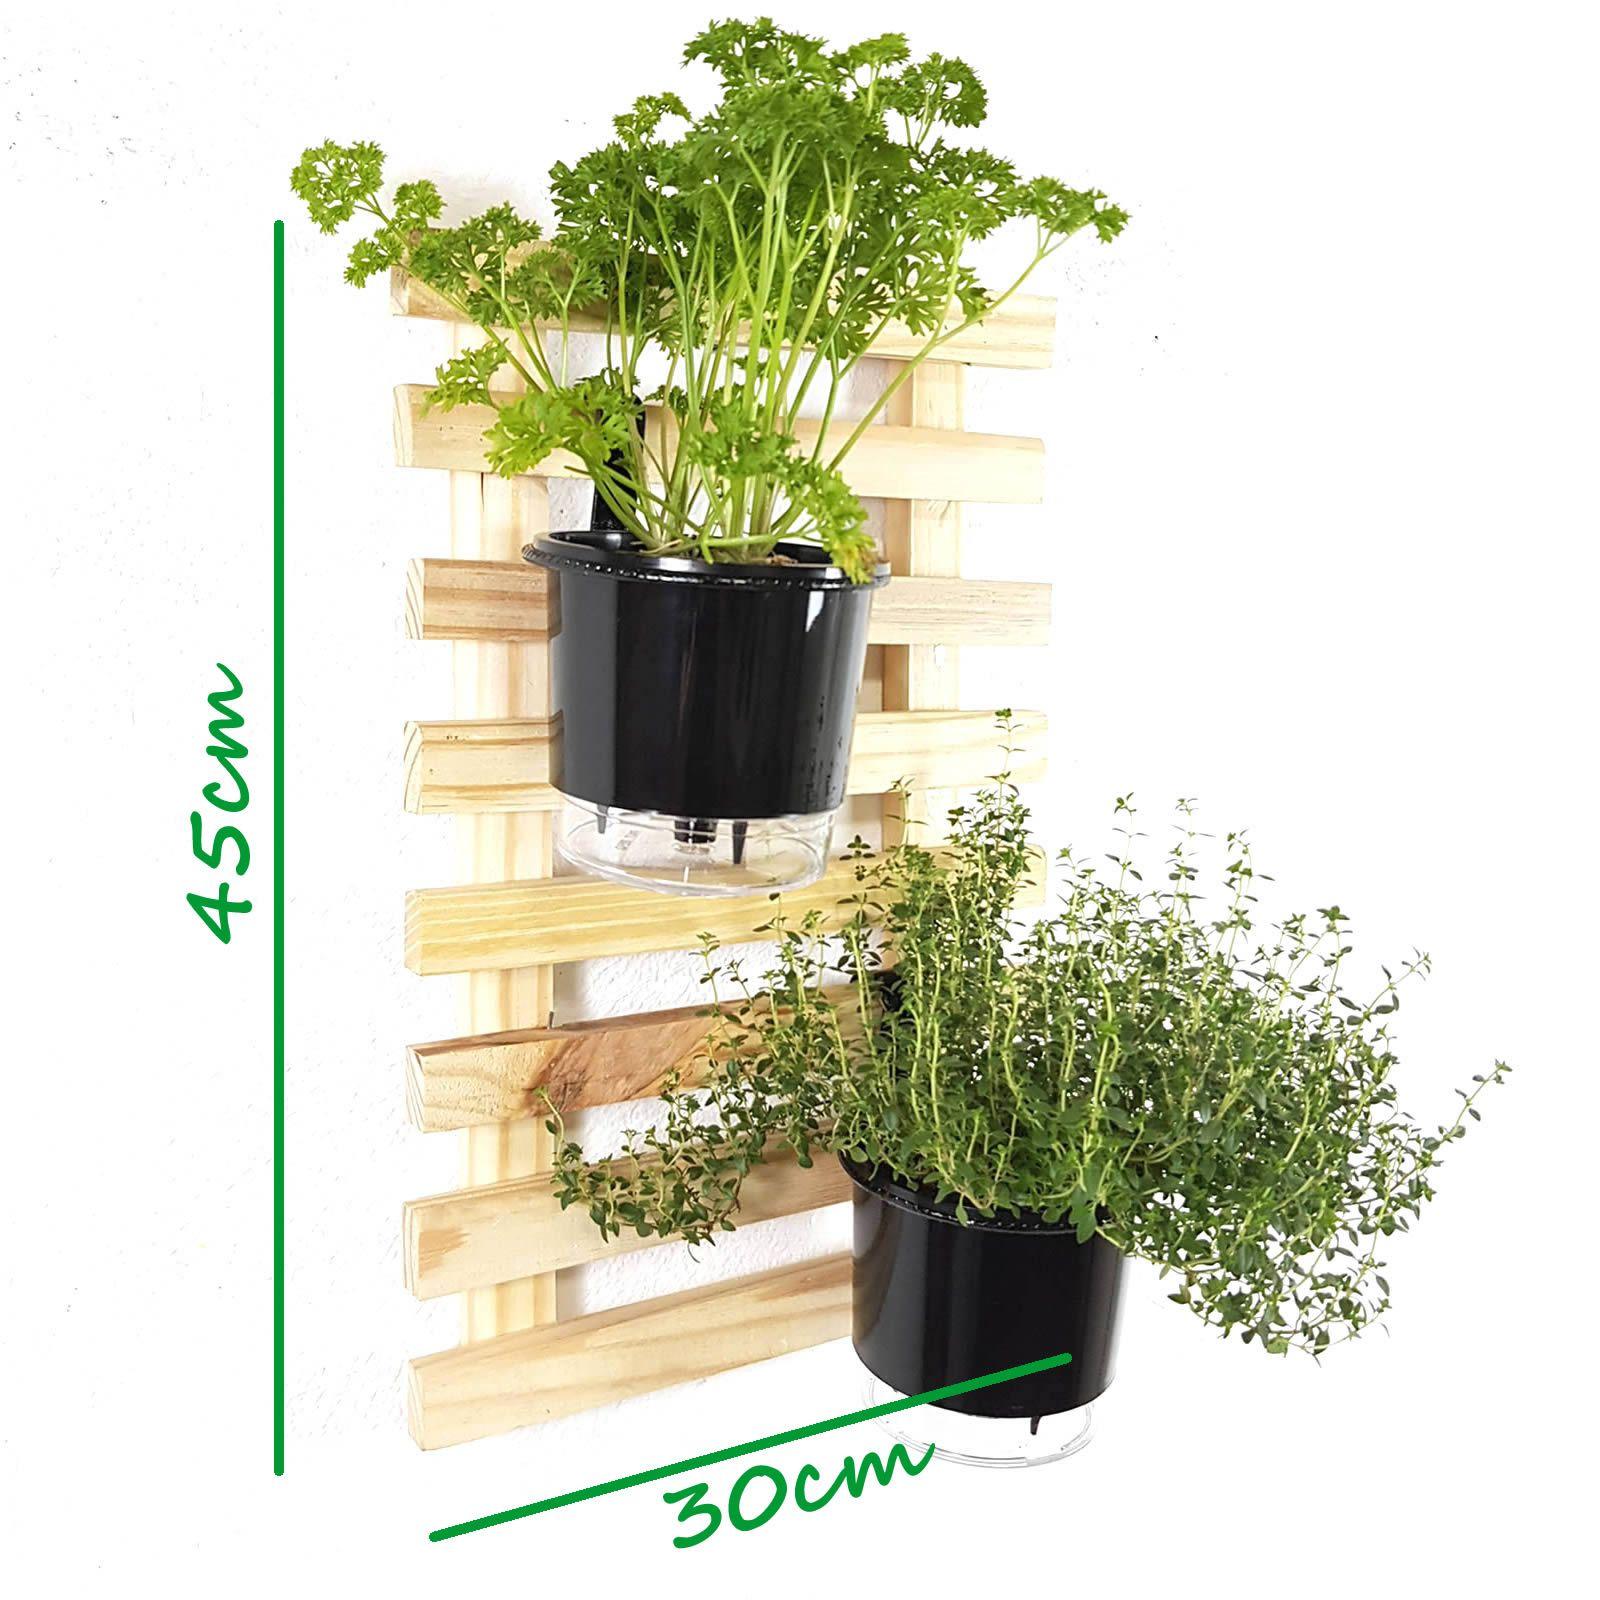 Horta Vertical Natural 45x30cm Minizinha com 2 suportes e 2 Vasos Auto Irrigáveis Pretos